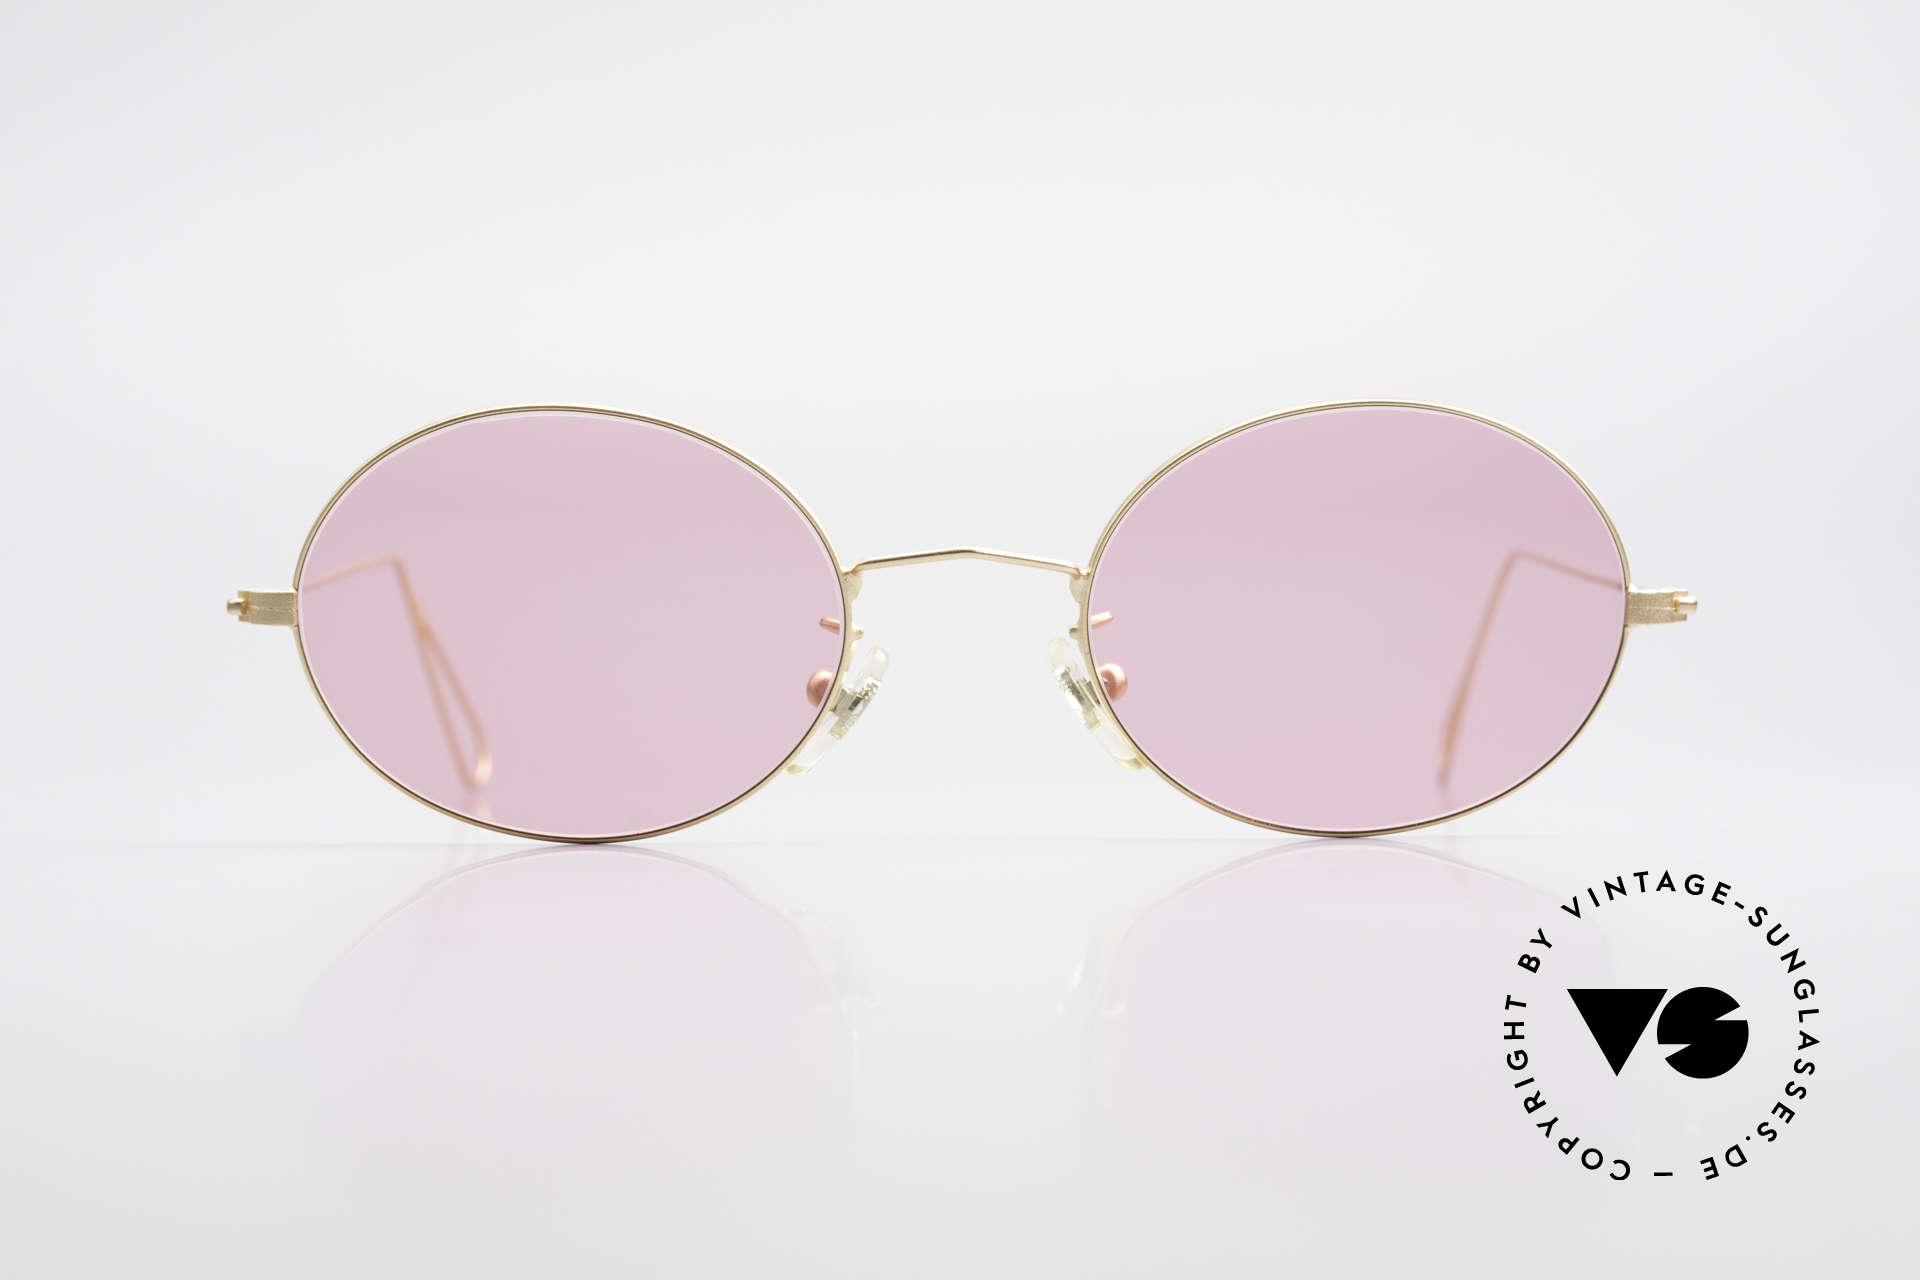 Cutler And Gross 0305 Ovale Sonnenbrille Vintage, klassisch, zeitlose Understatement Luxus-Sonnenbrille, Passend für Herren und Damen